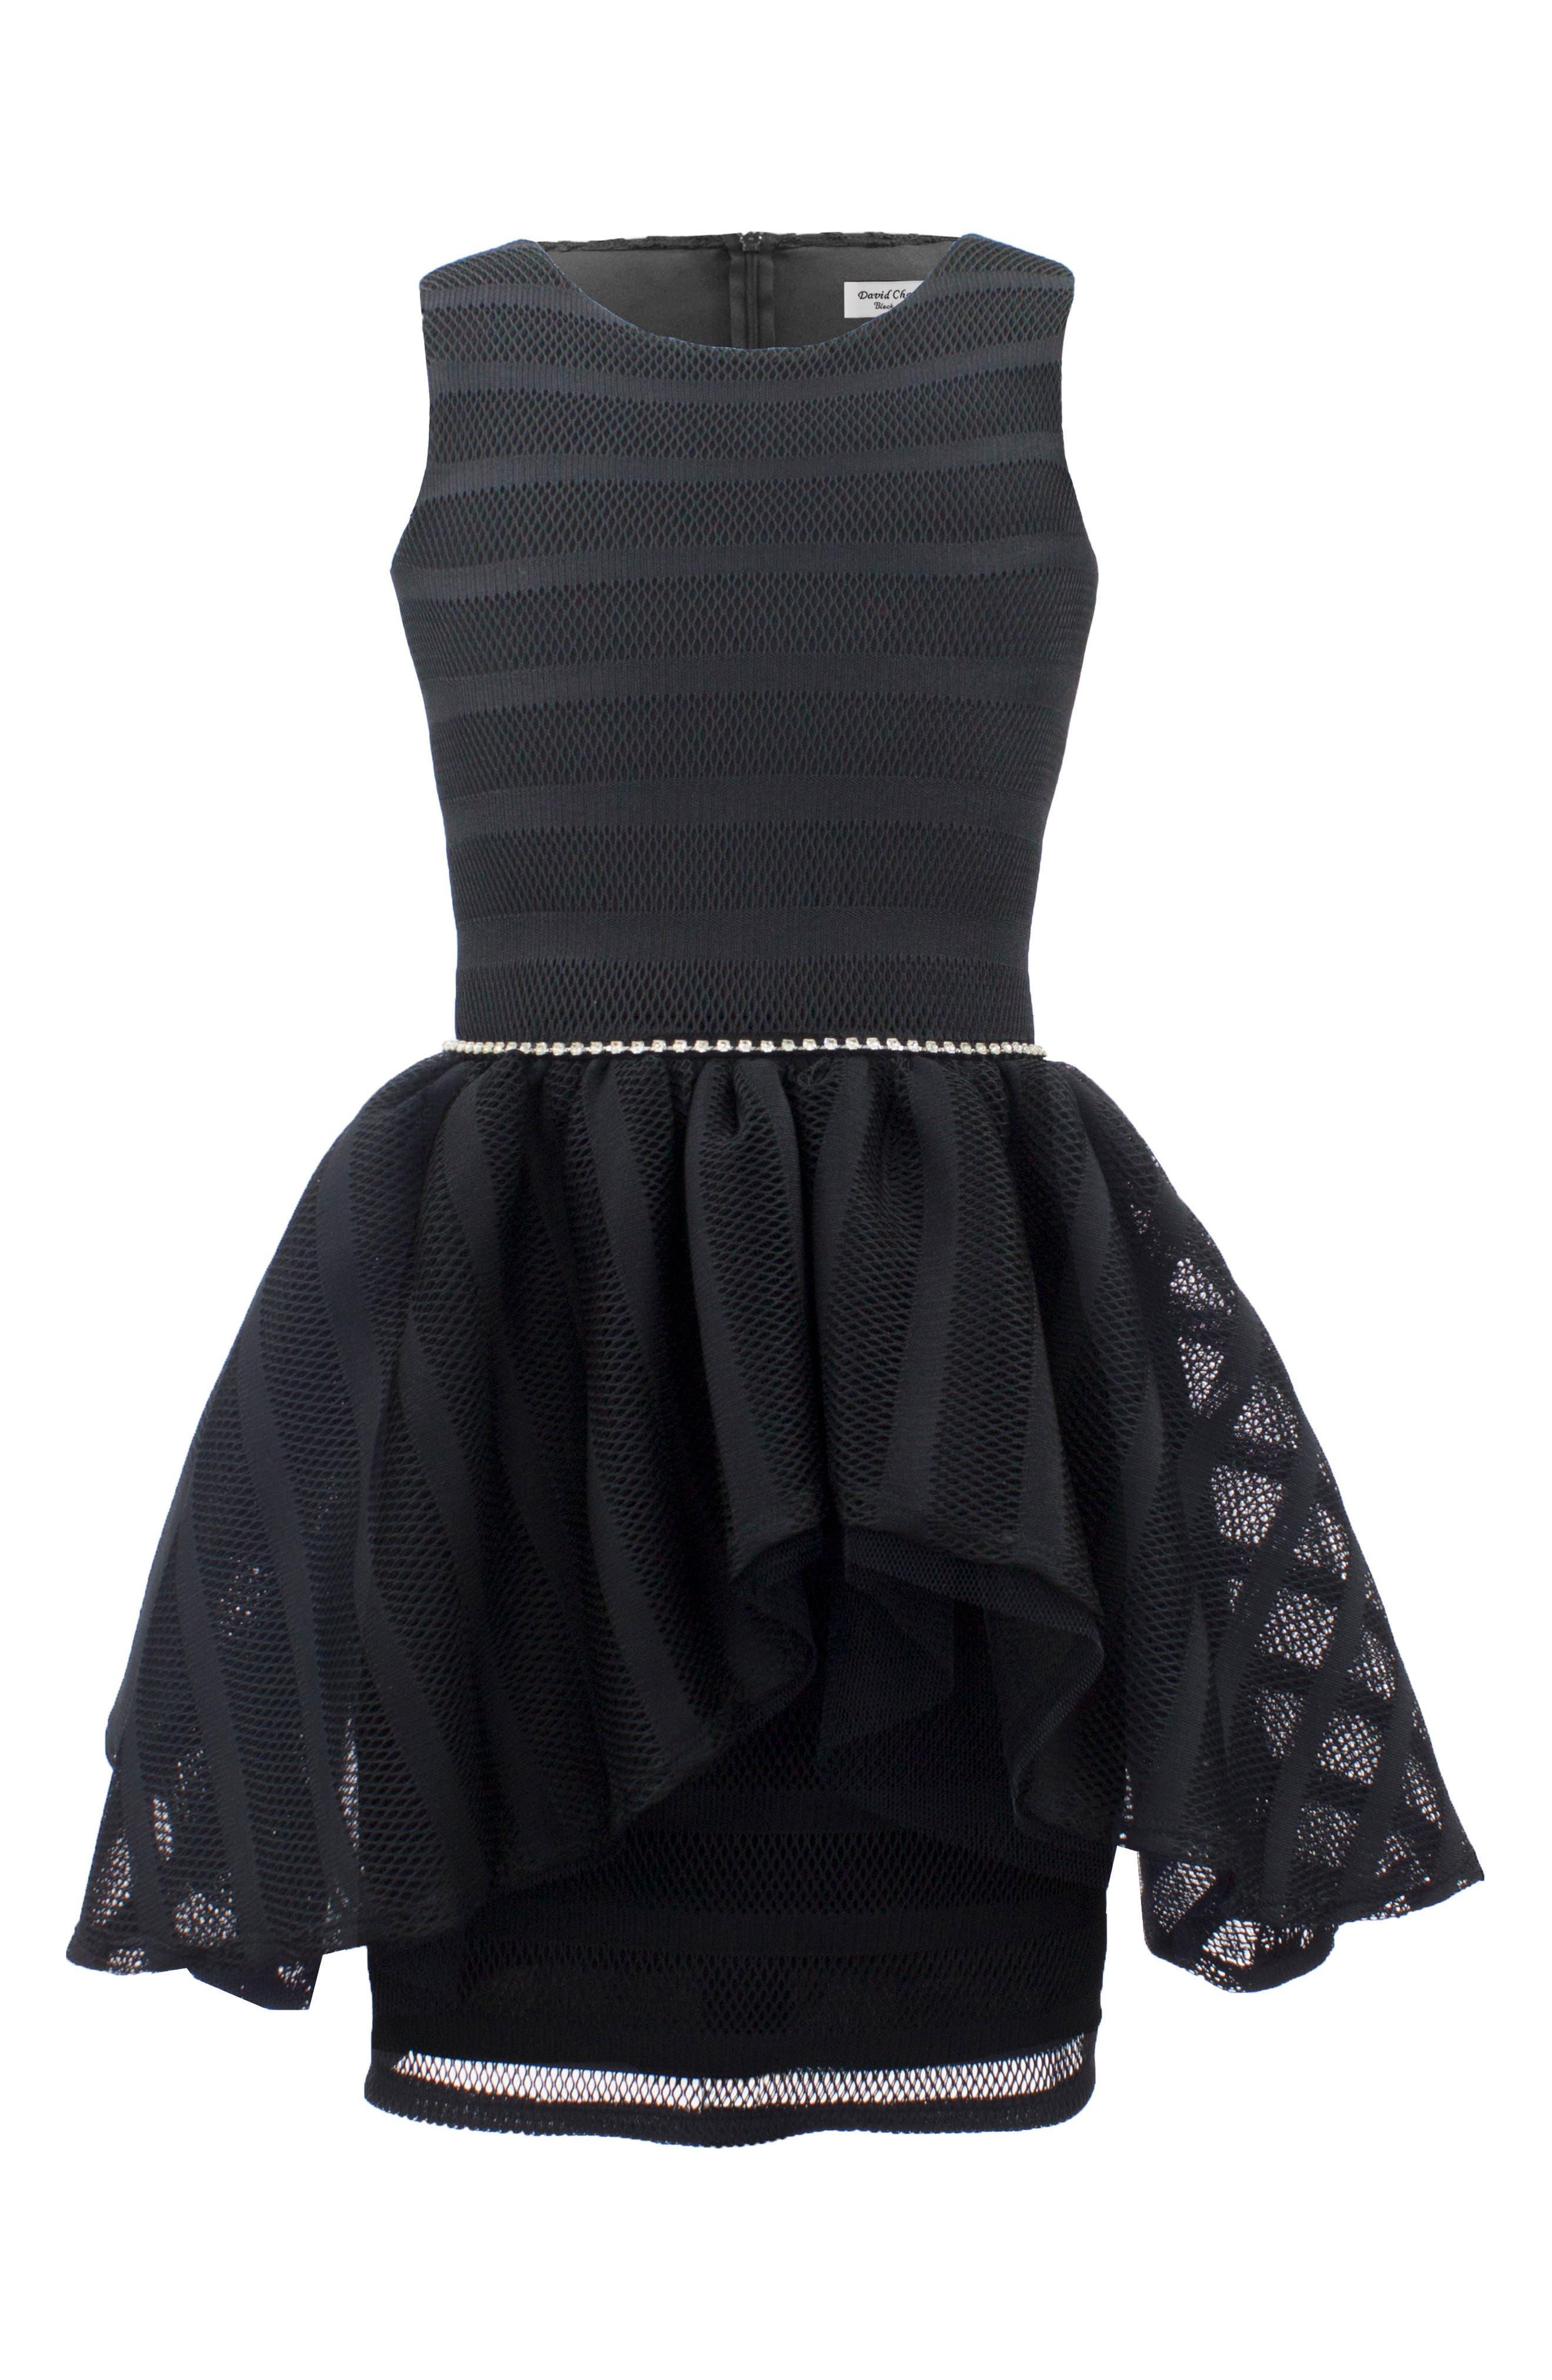 David Charles Techno Mesh Peplum Dress (Big Girls)